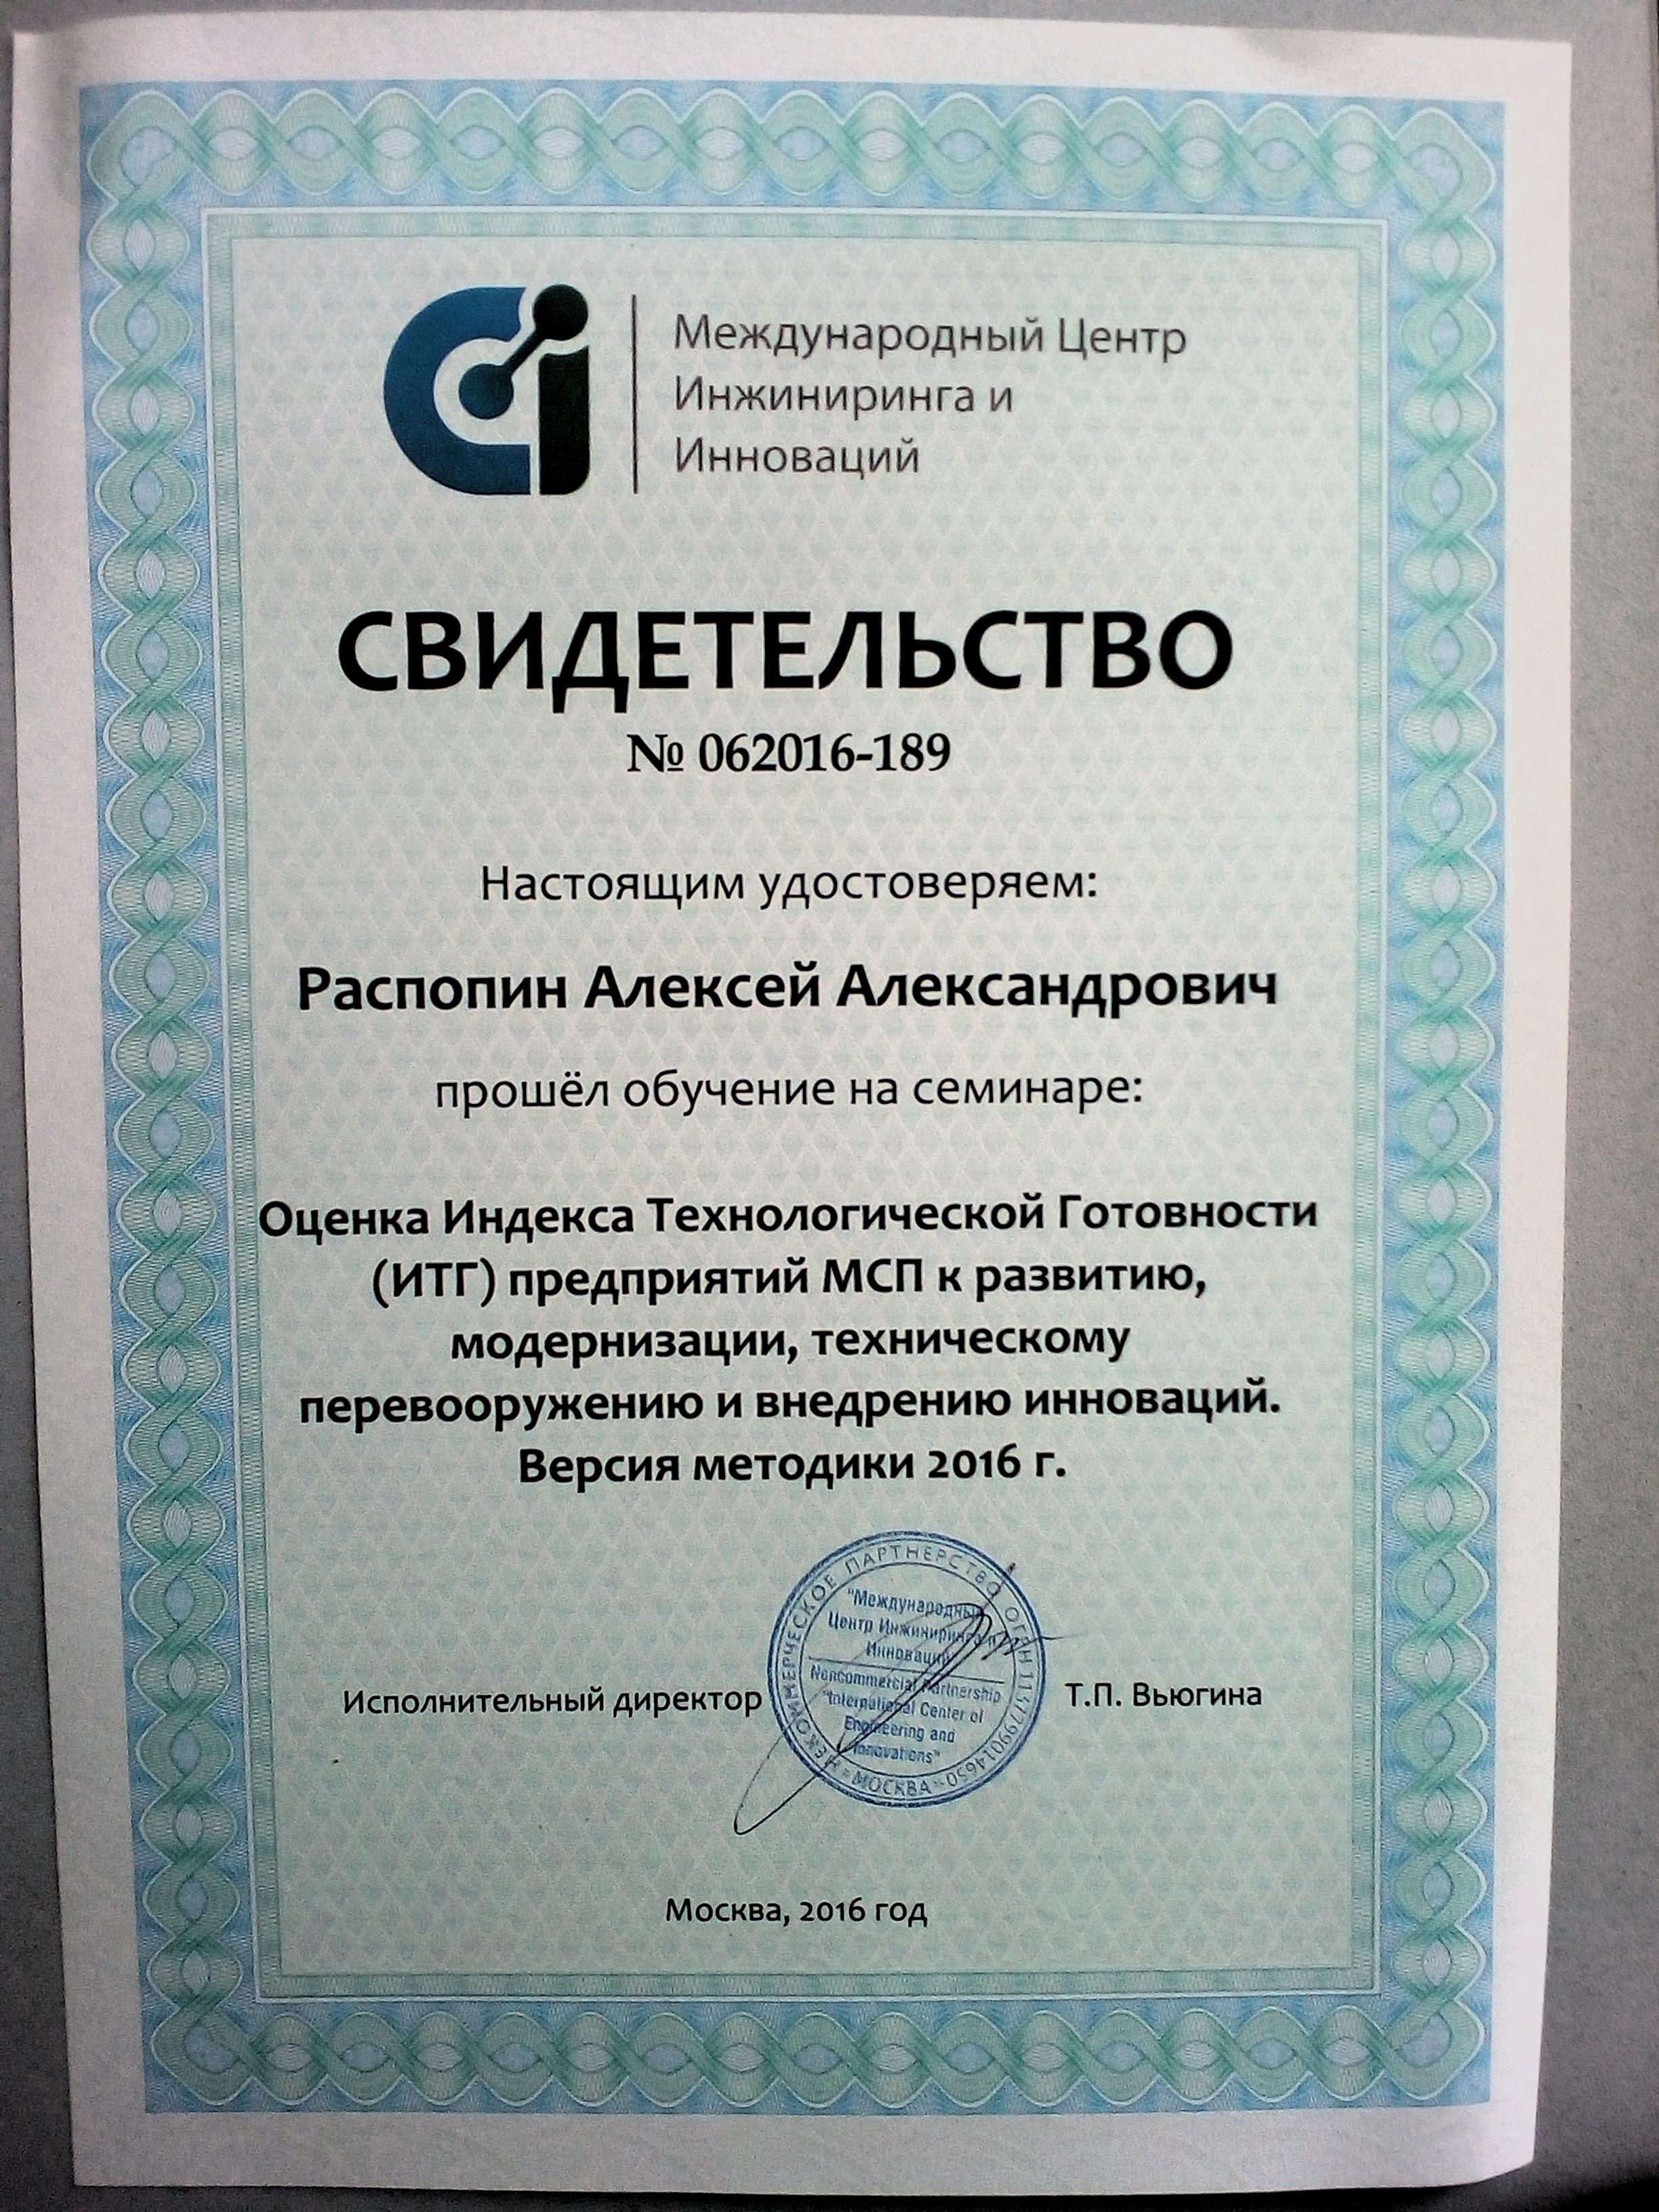 Сертификат Индекс технологической готовности